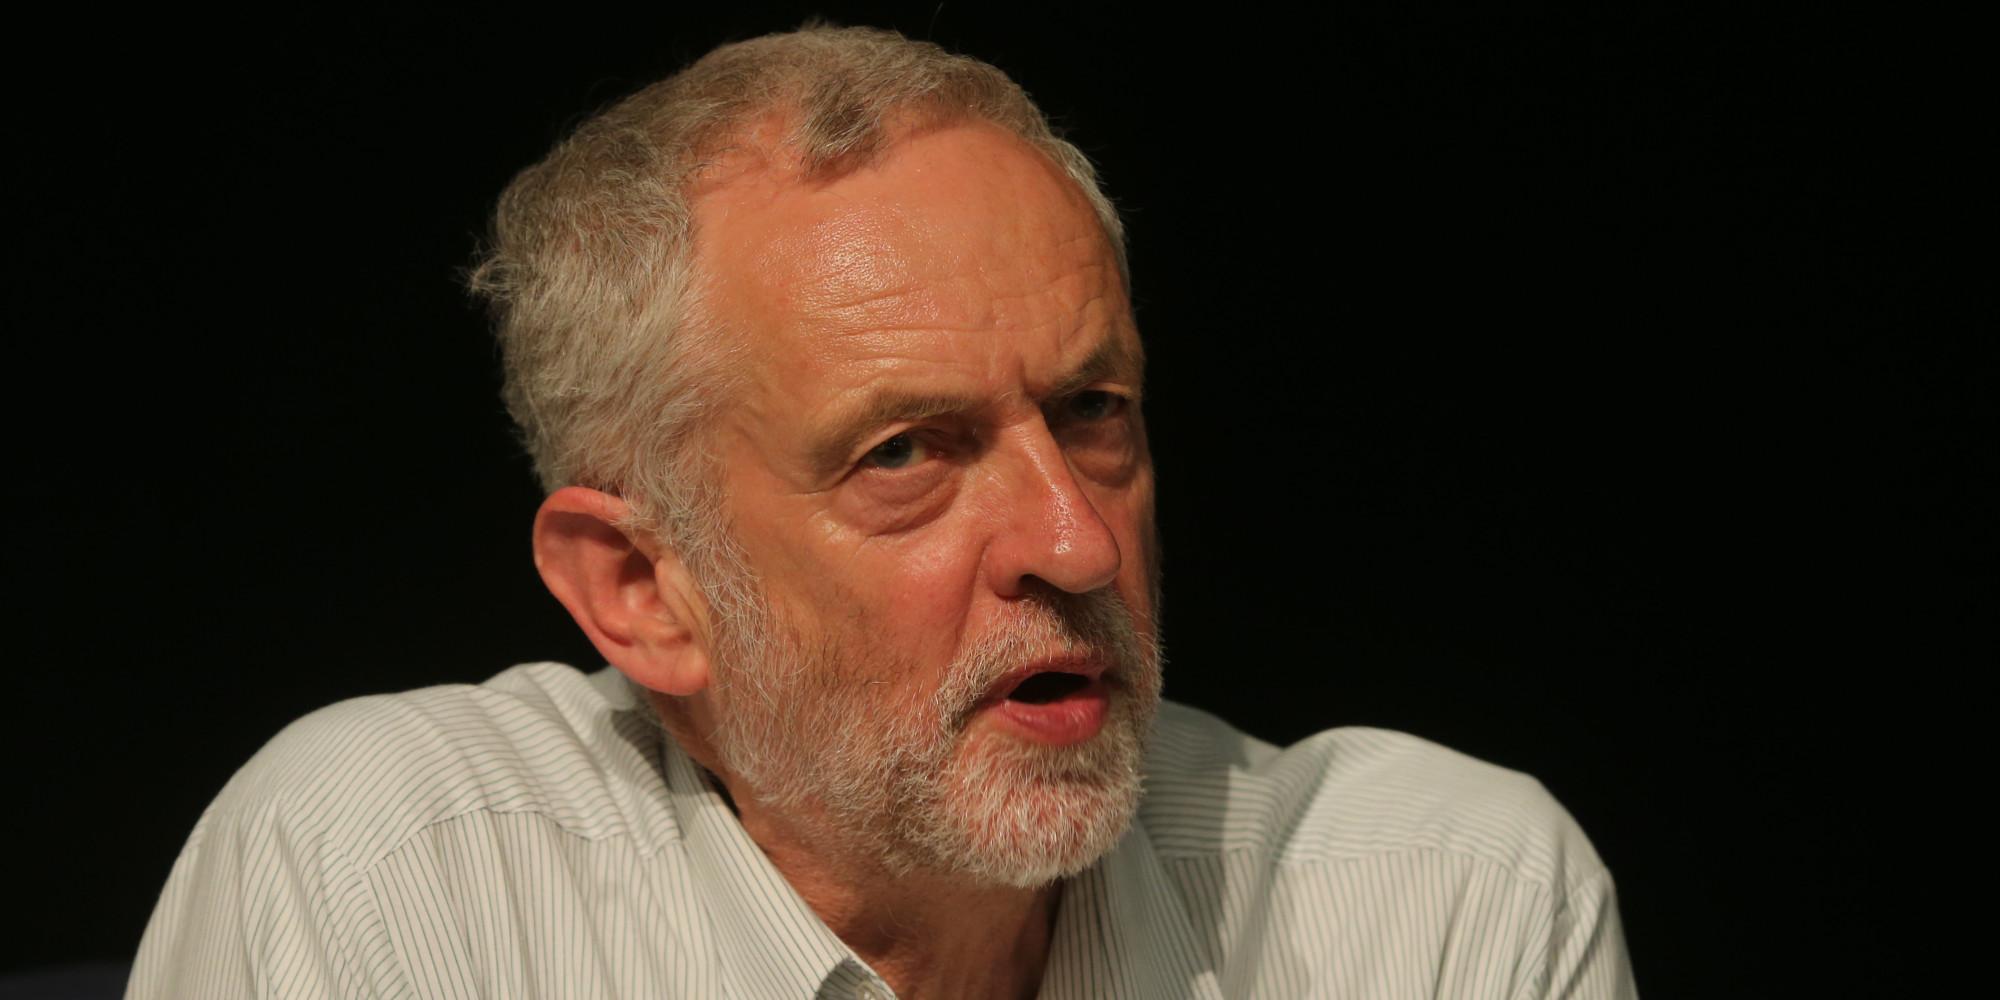 jeremy corbyn - photo #11